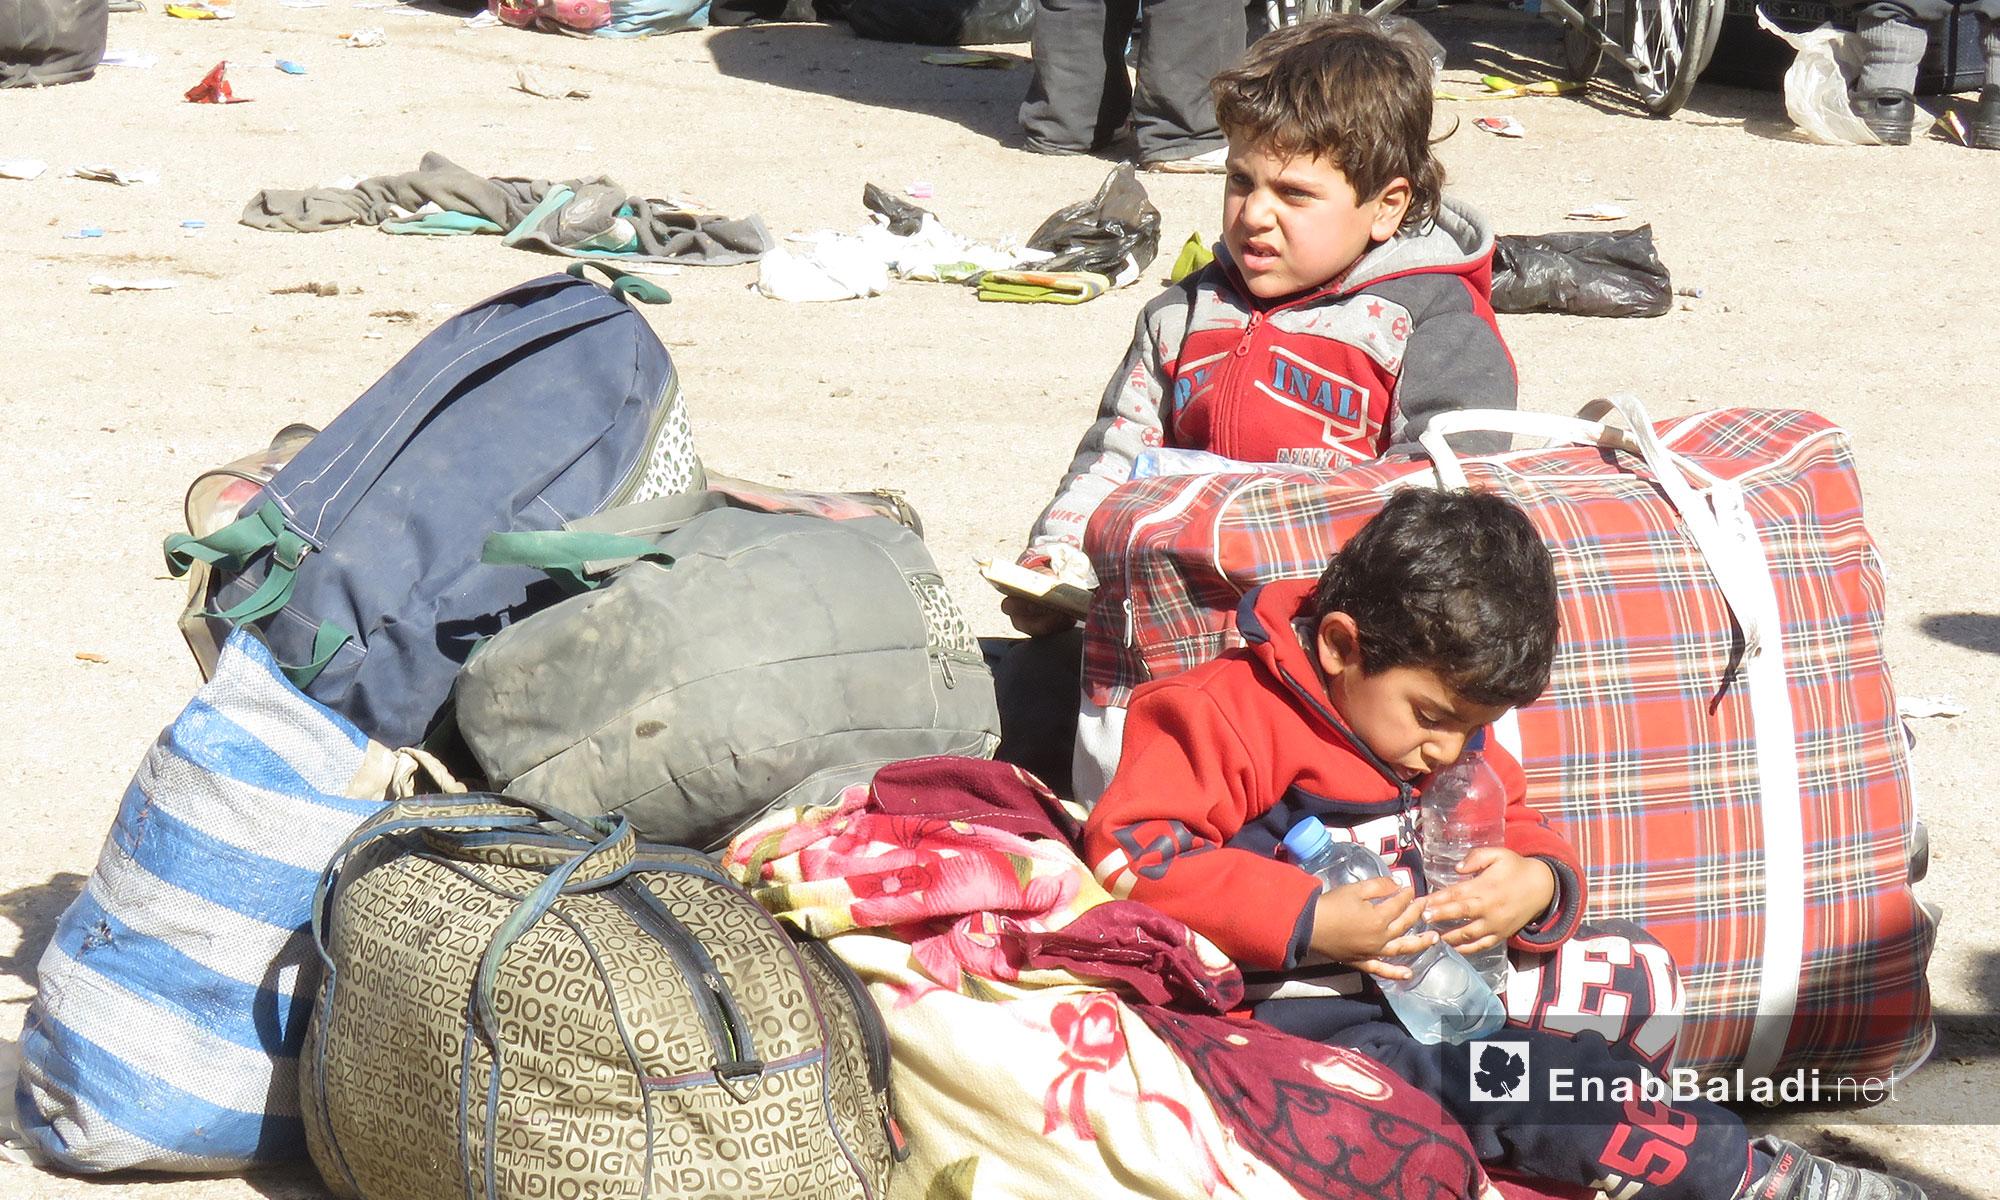 طفلان من مهجرو عربين لحظة وصولهم إلى قلعة المضيق بريف حماة - 26 آذار 2018 (عنب بلدي)